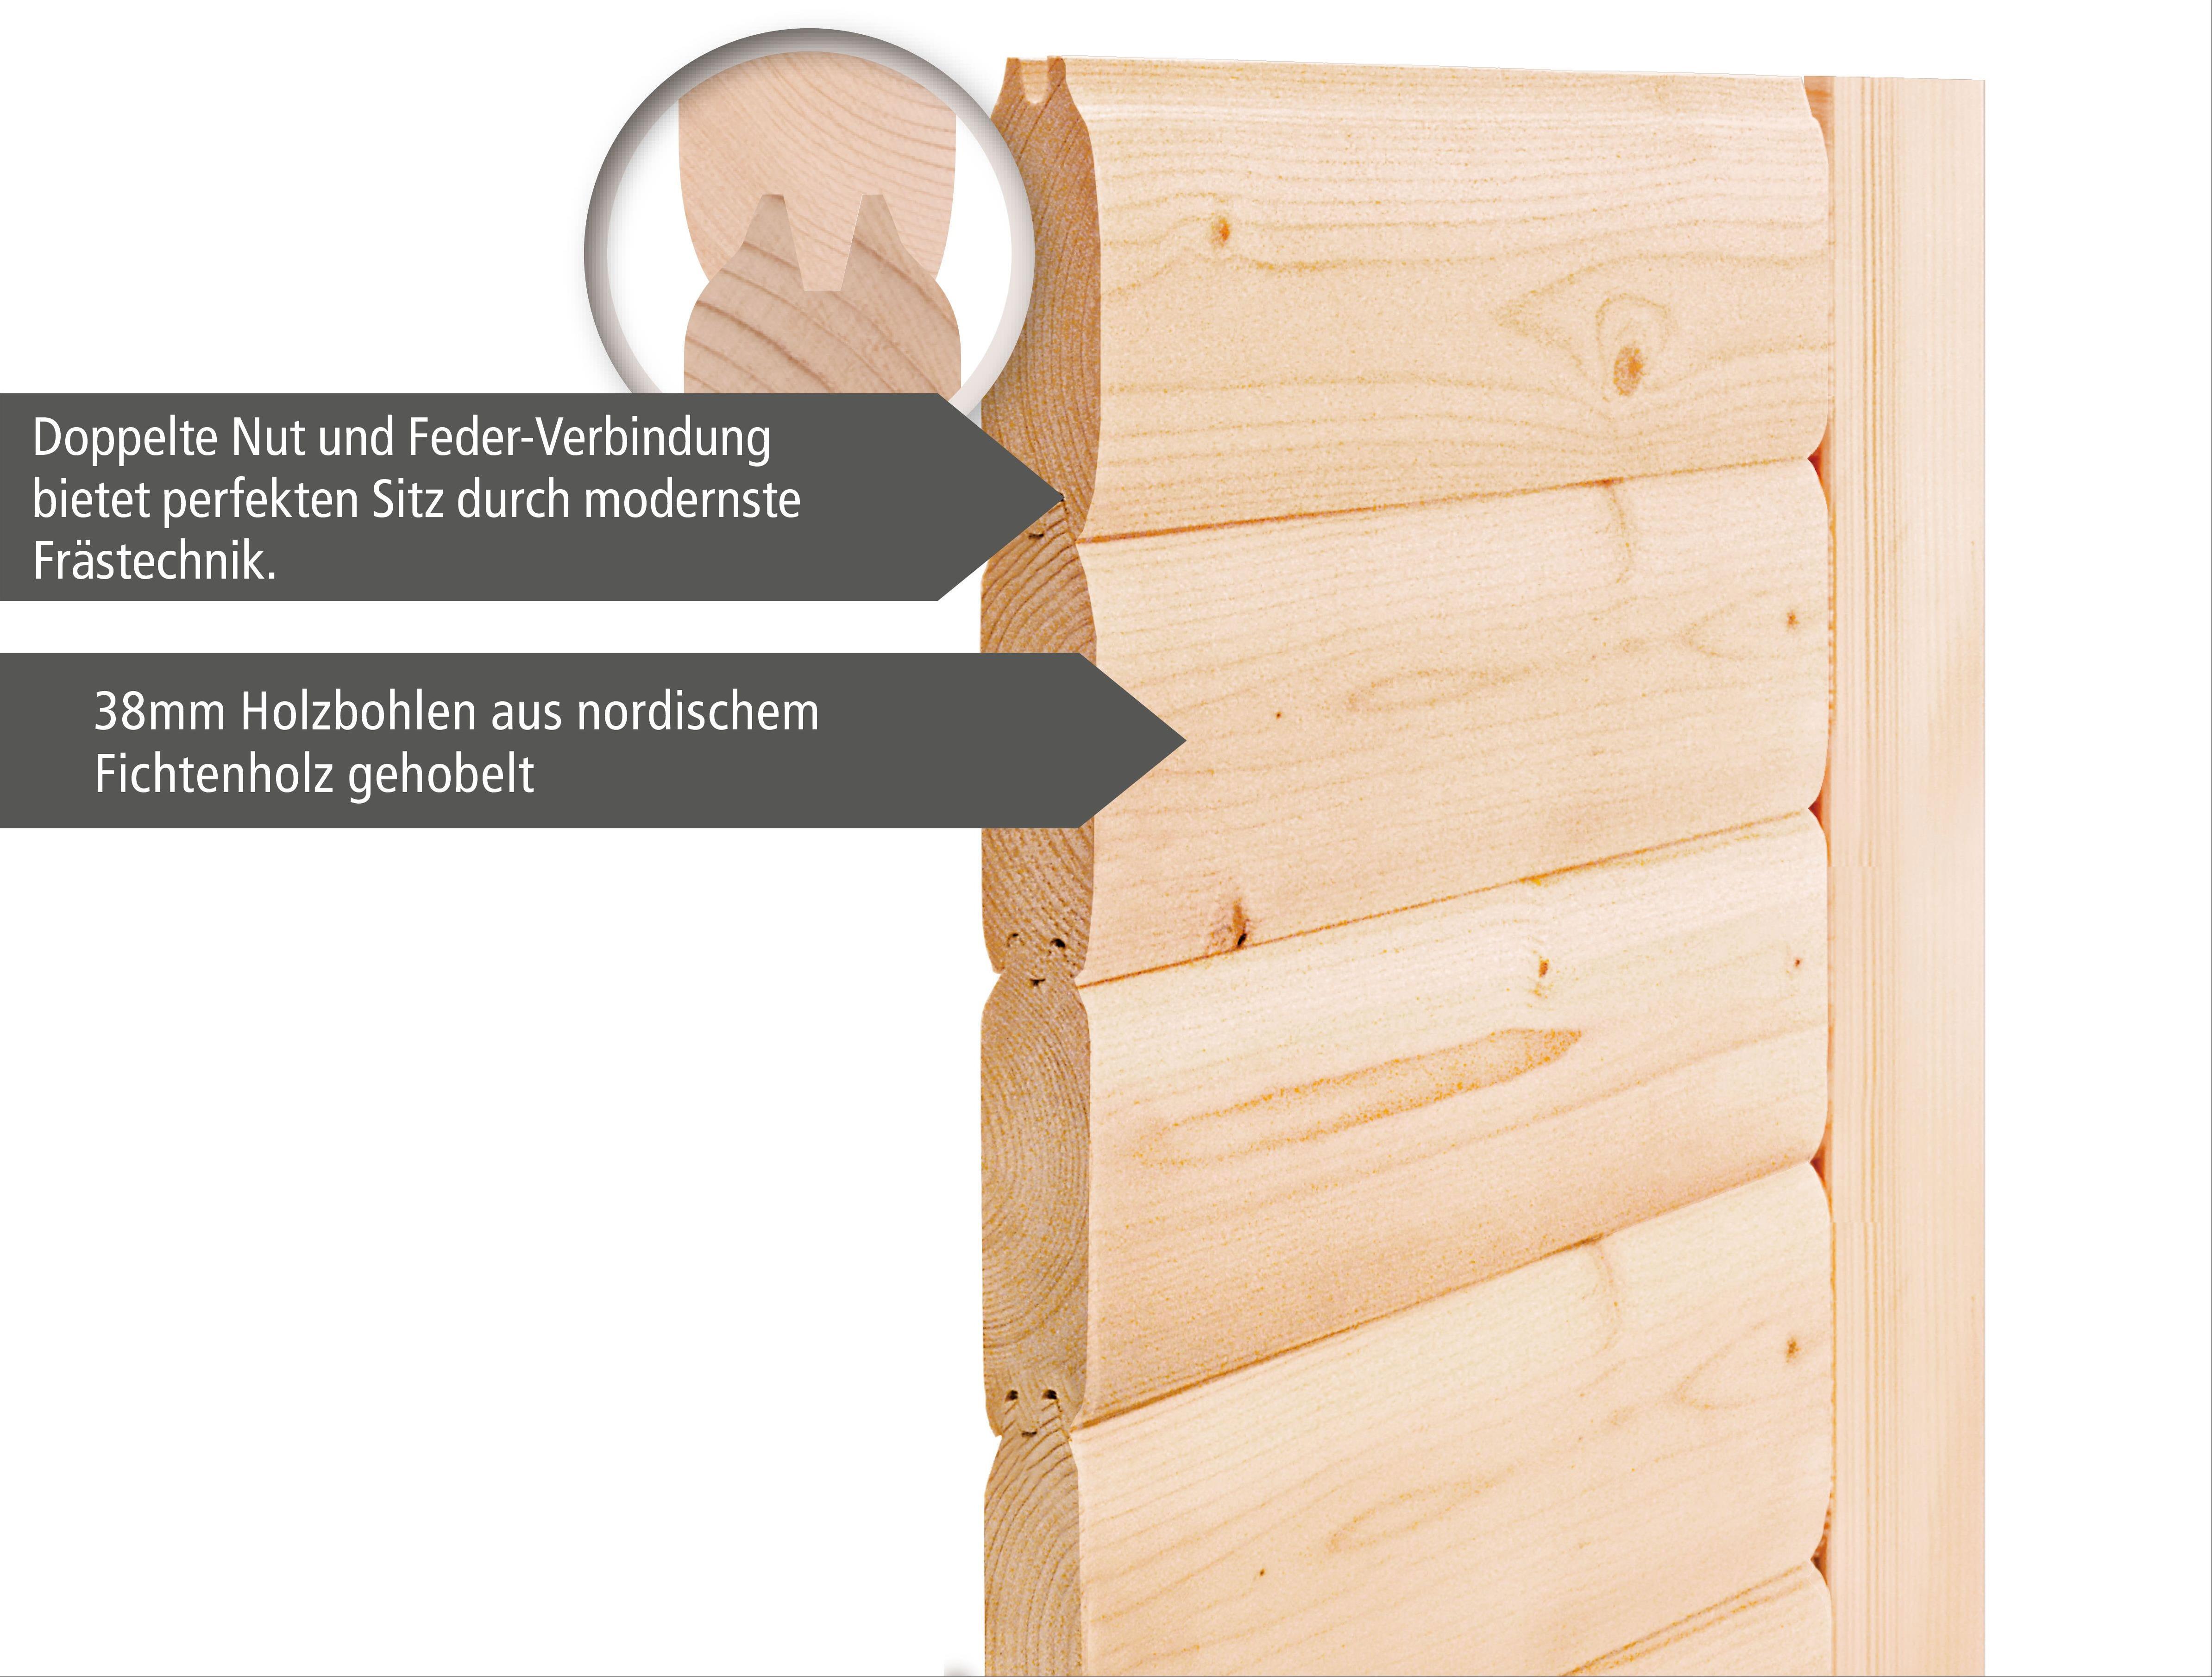 WoodFeeling Sauna Mia 38mm Saunaofen 9kW extern Classic Tür Bild 5